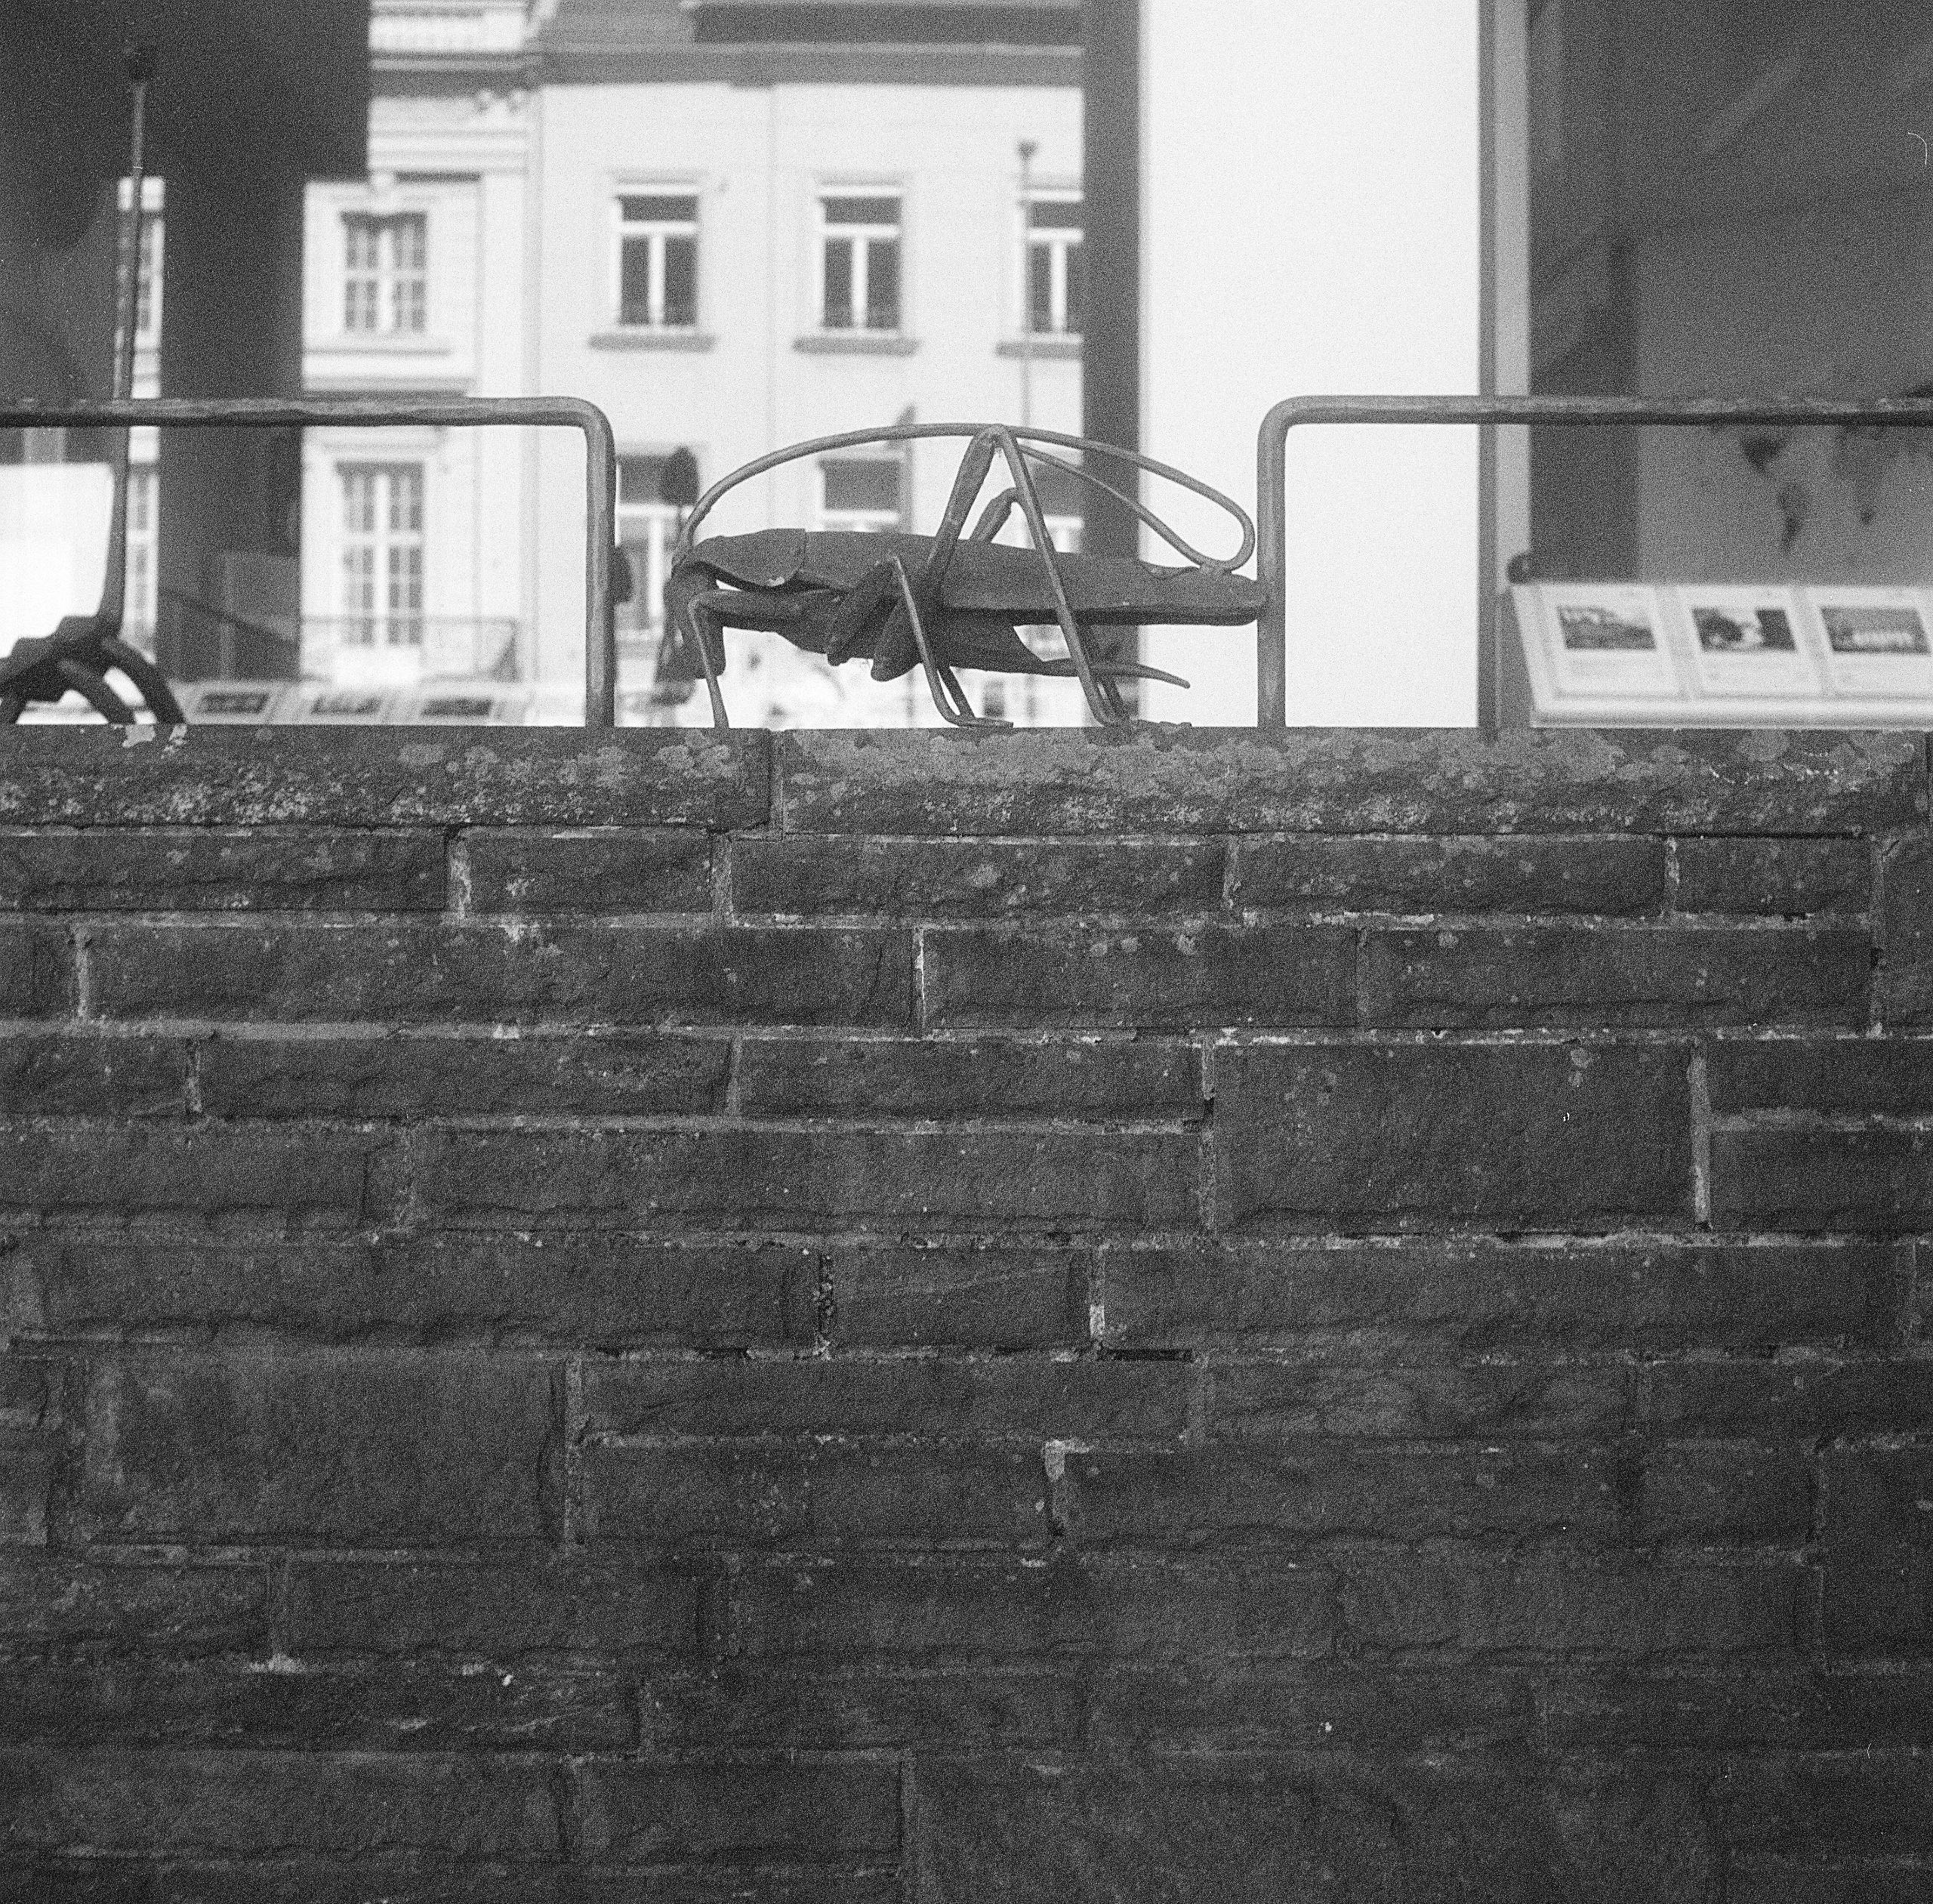 Insekt Theaterstraße, Aachen Ma - walter_ac | ello